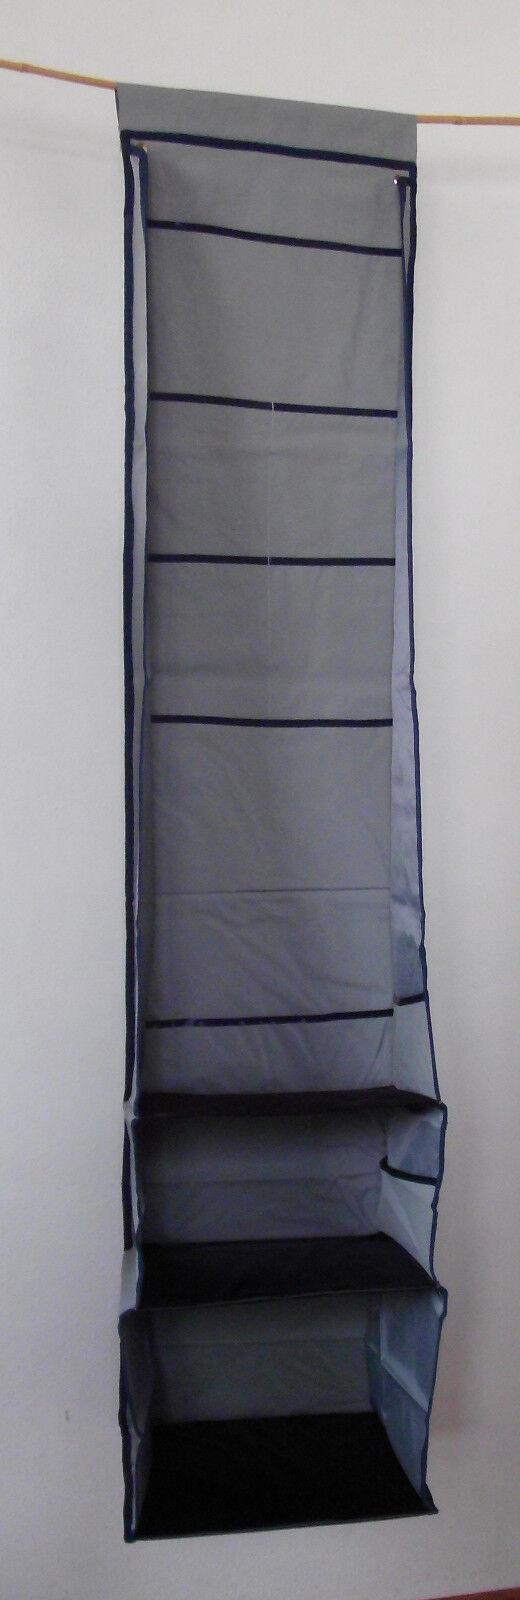 Utensilien Tasche graublau Hängetasche Organizer Vorze… |